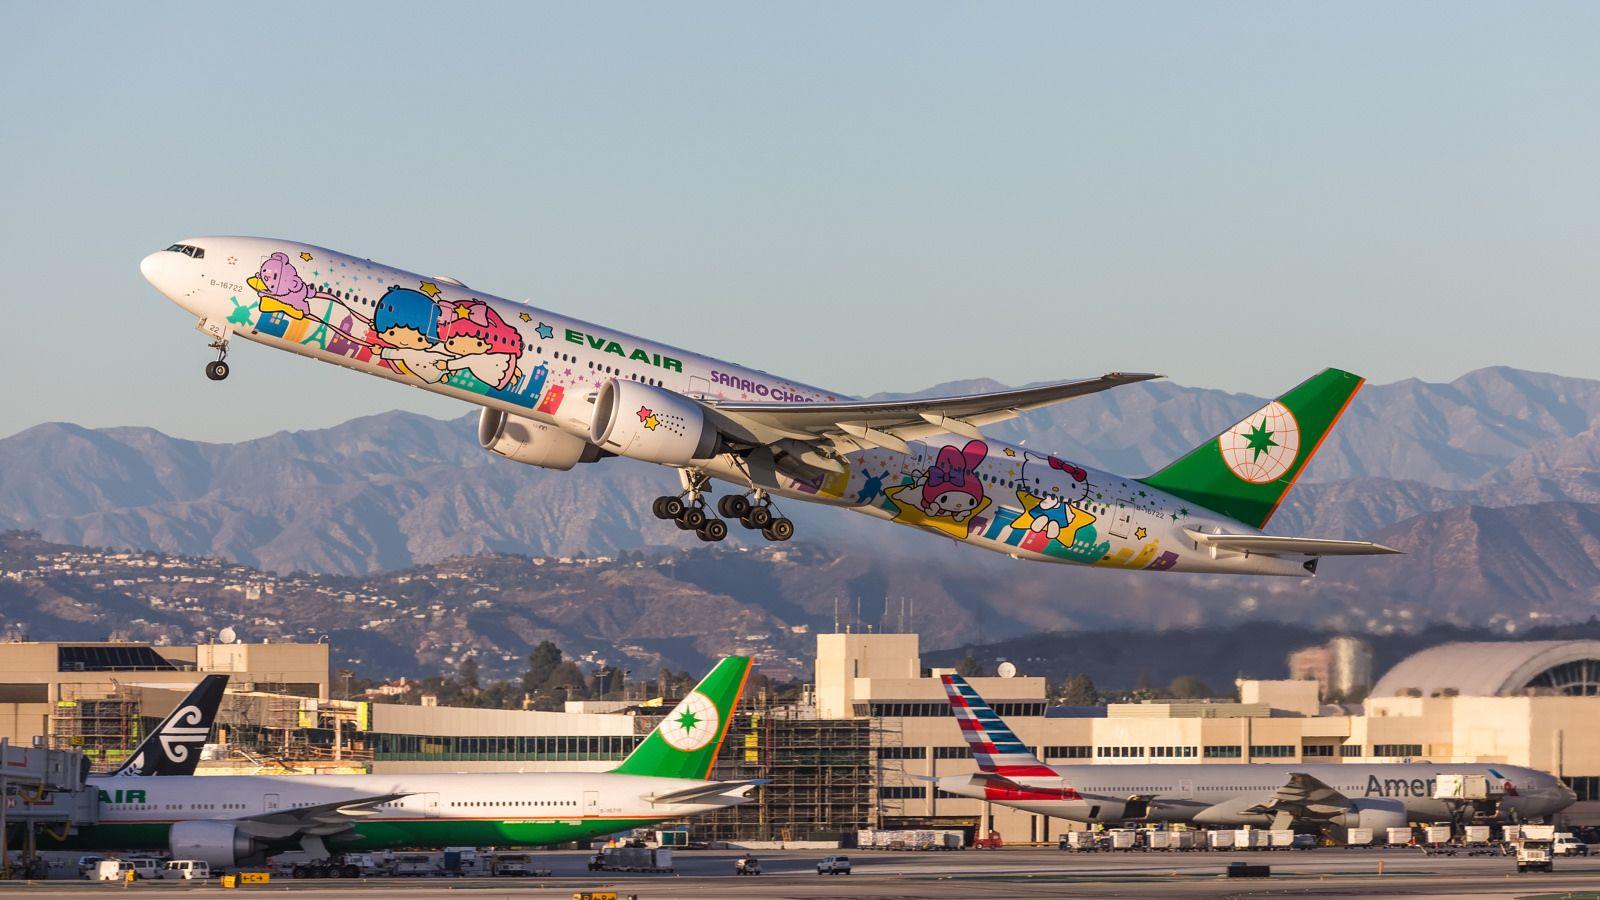 Khuyến mãi của hãng EVA Airline đi Mỹ và Canada vô cùng